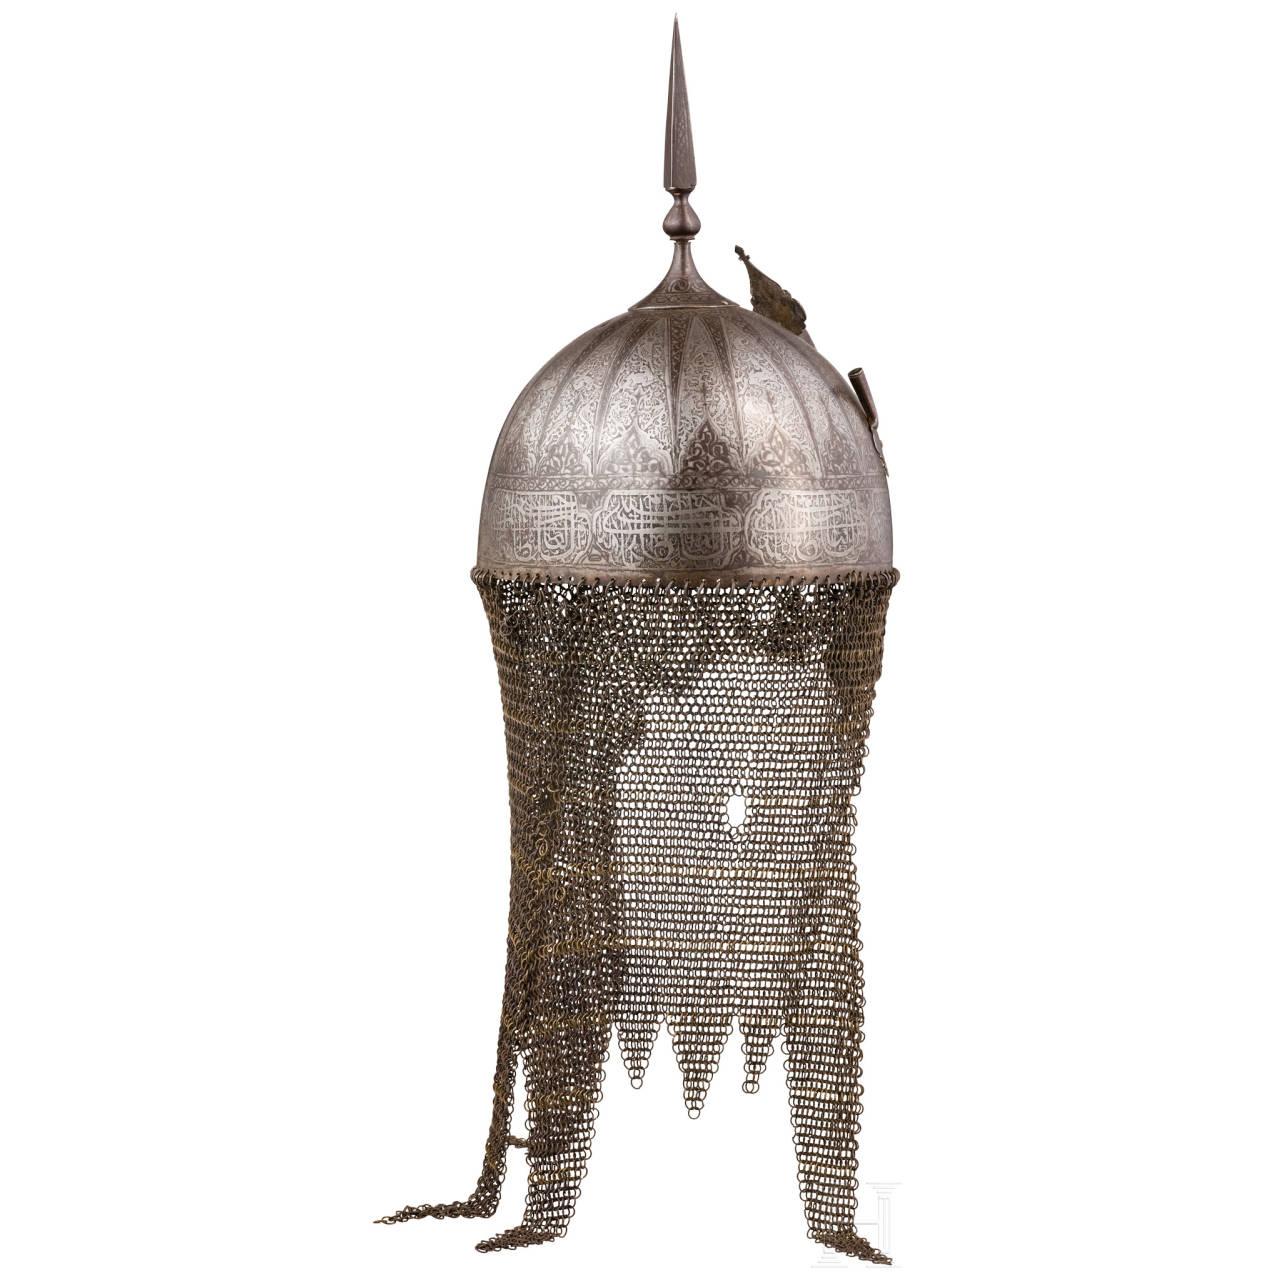 Rüstungsgarnitur, Persien, 19. Jhdt.